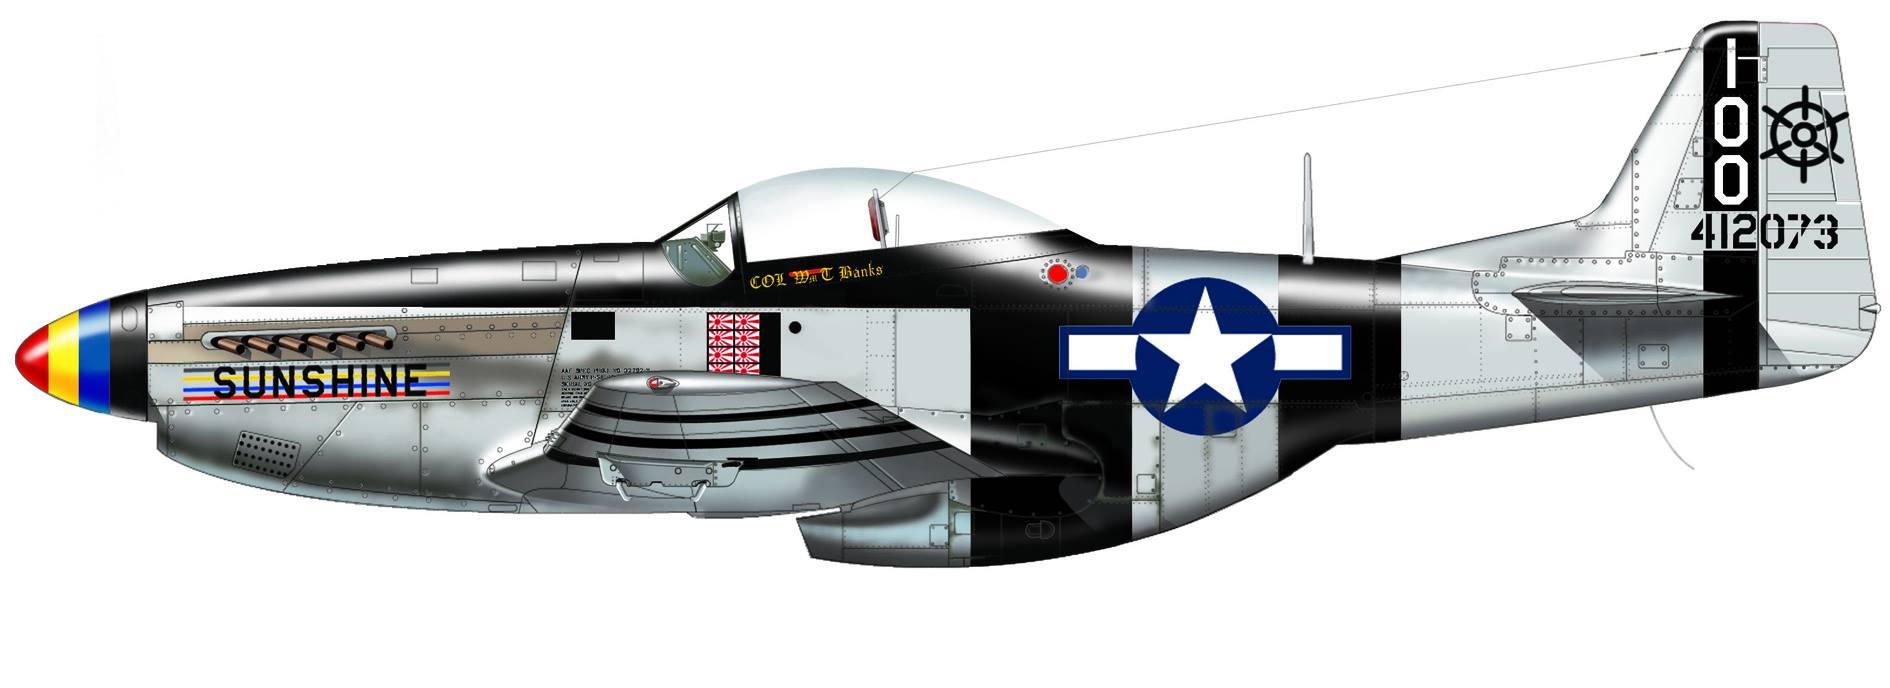 Maqueta P-51 Italeri Pacific Aces 06